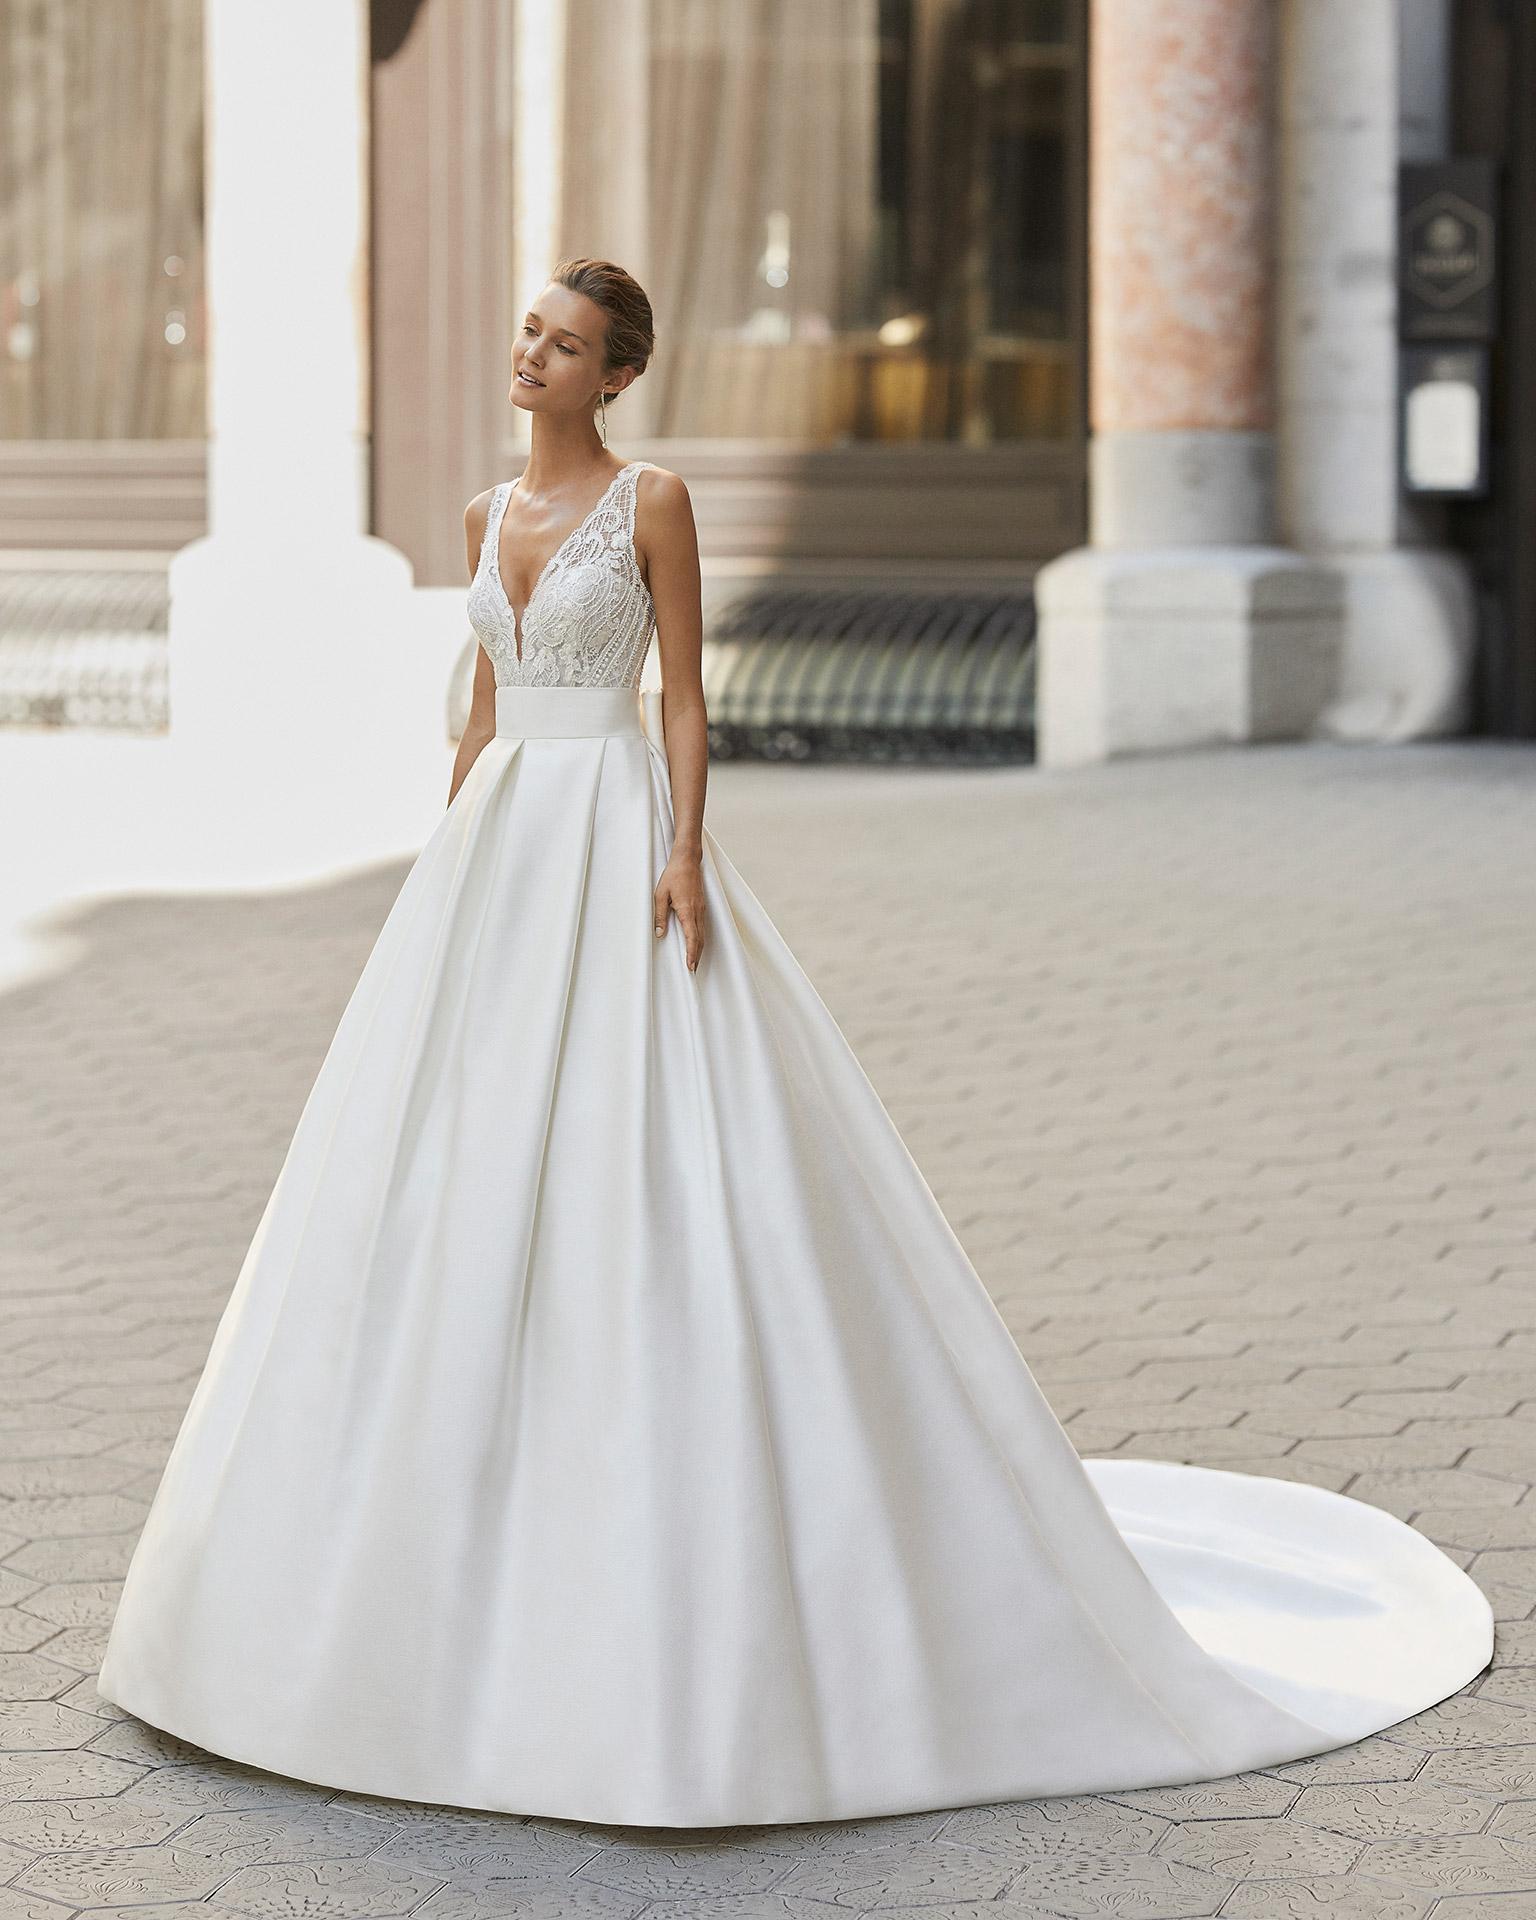 Vestido de novia de estilo clásico, raso, encaje y pedrería. Escote deep plunge y espalda escotada. Colección  2022.